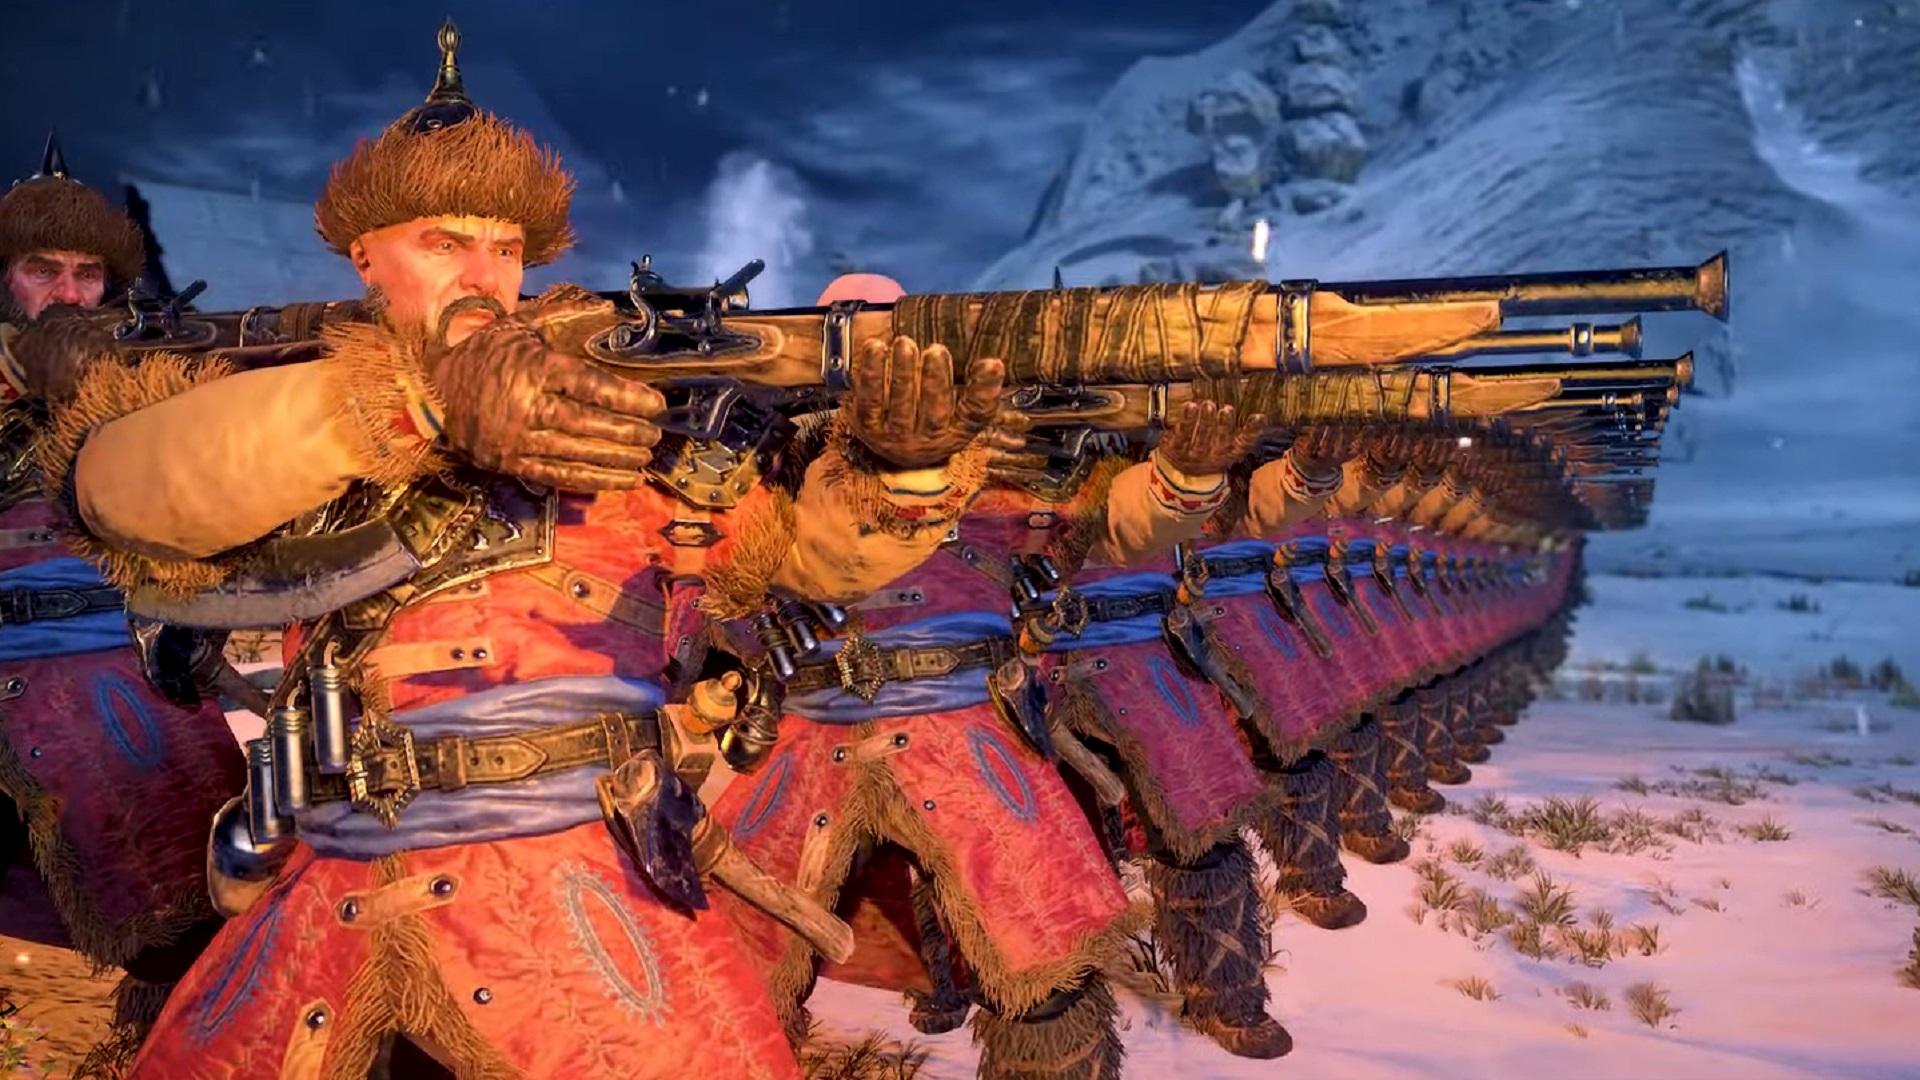 Total War: Warhammer 3 and Darktide devs set for Skulls Showcase stream